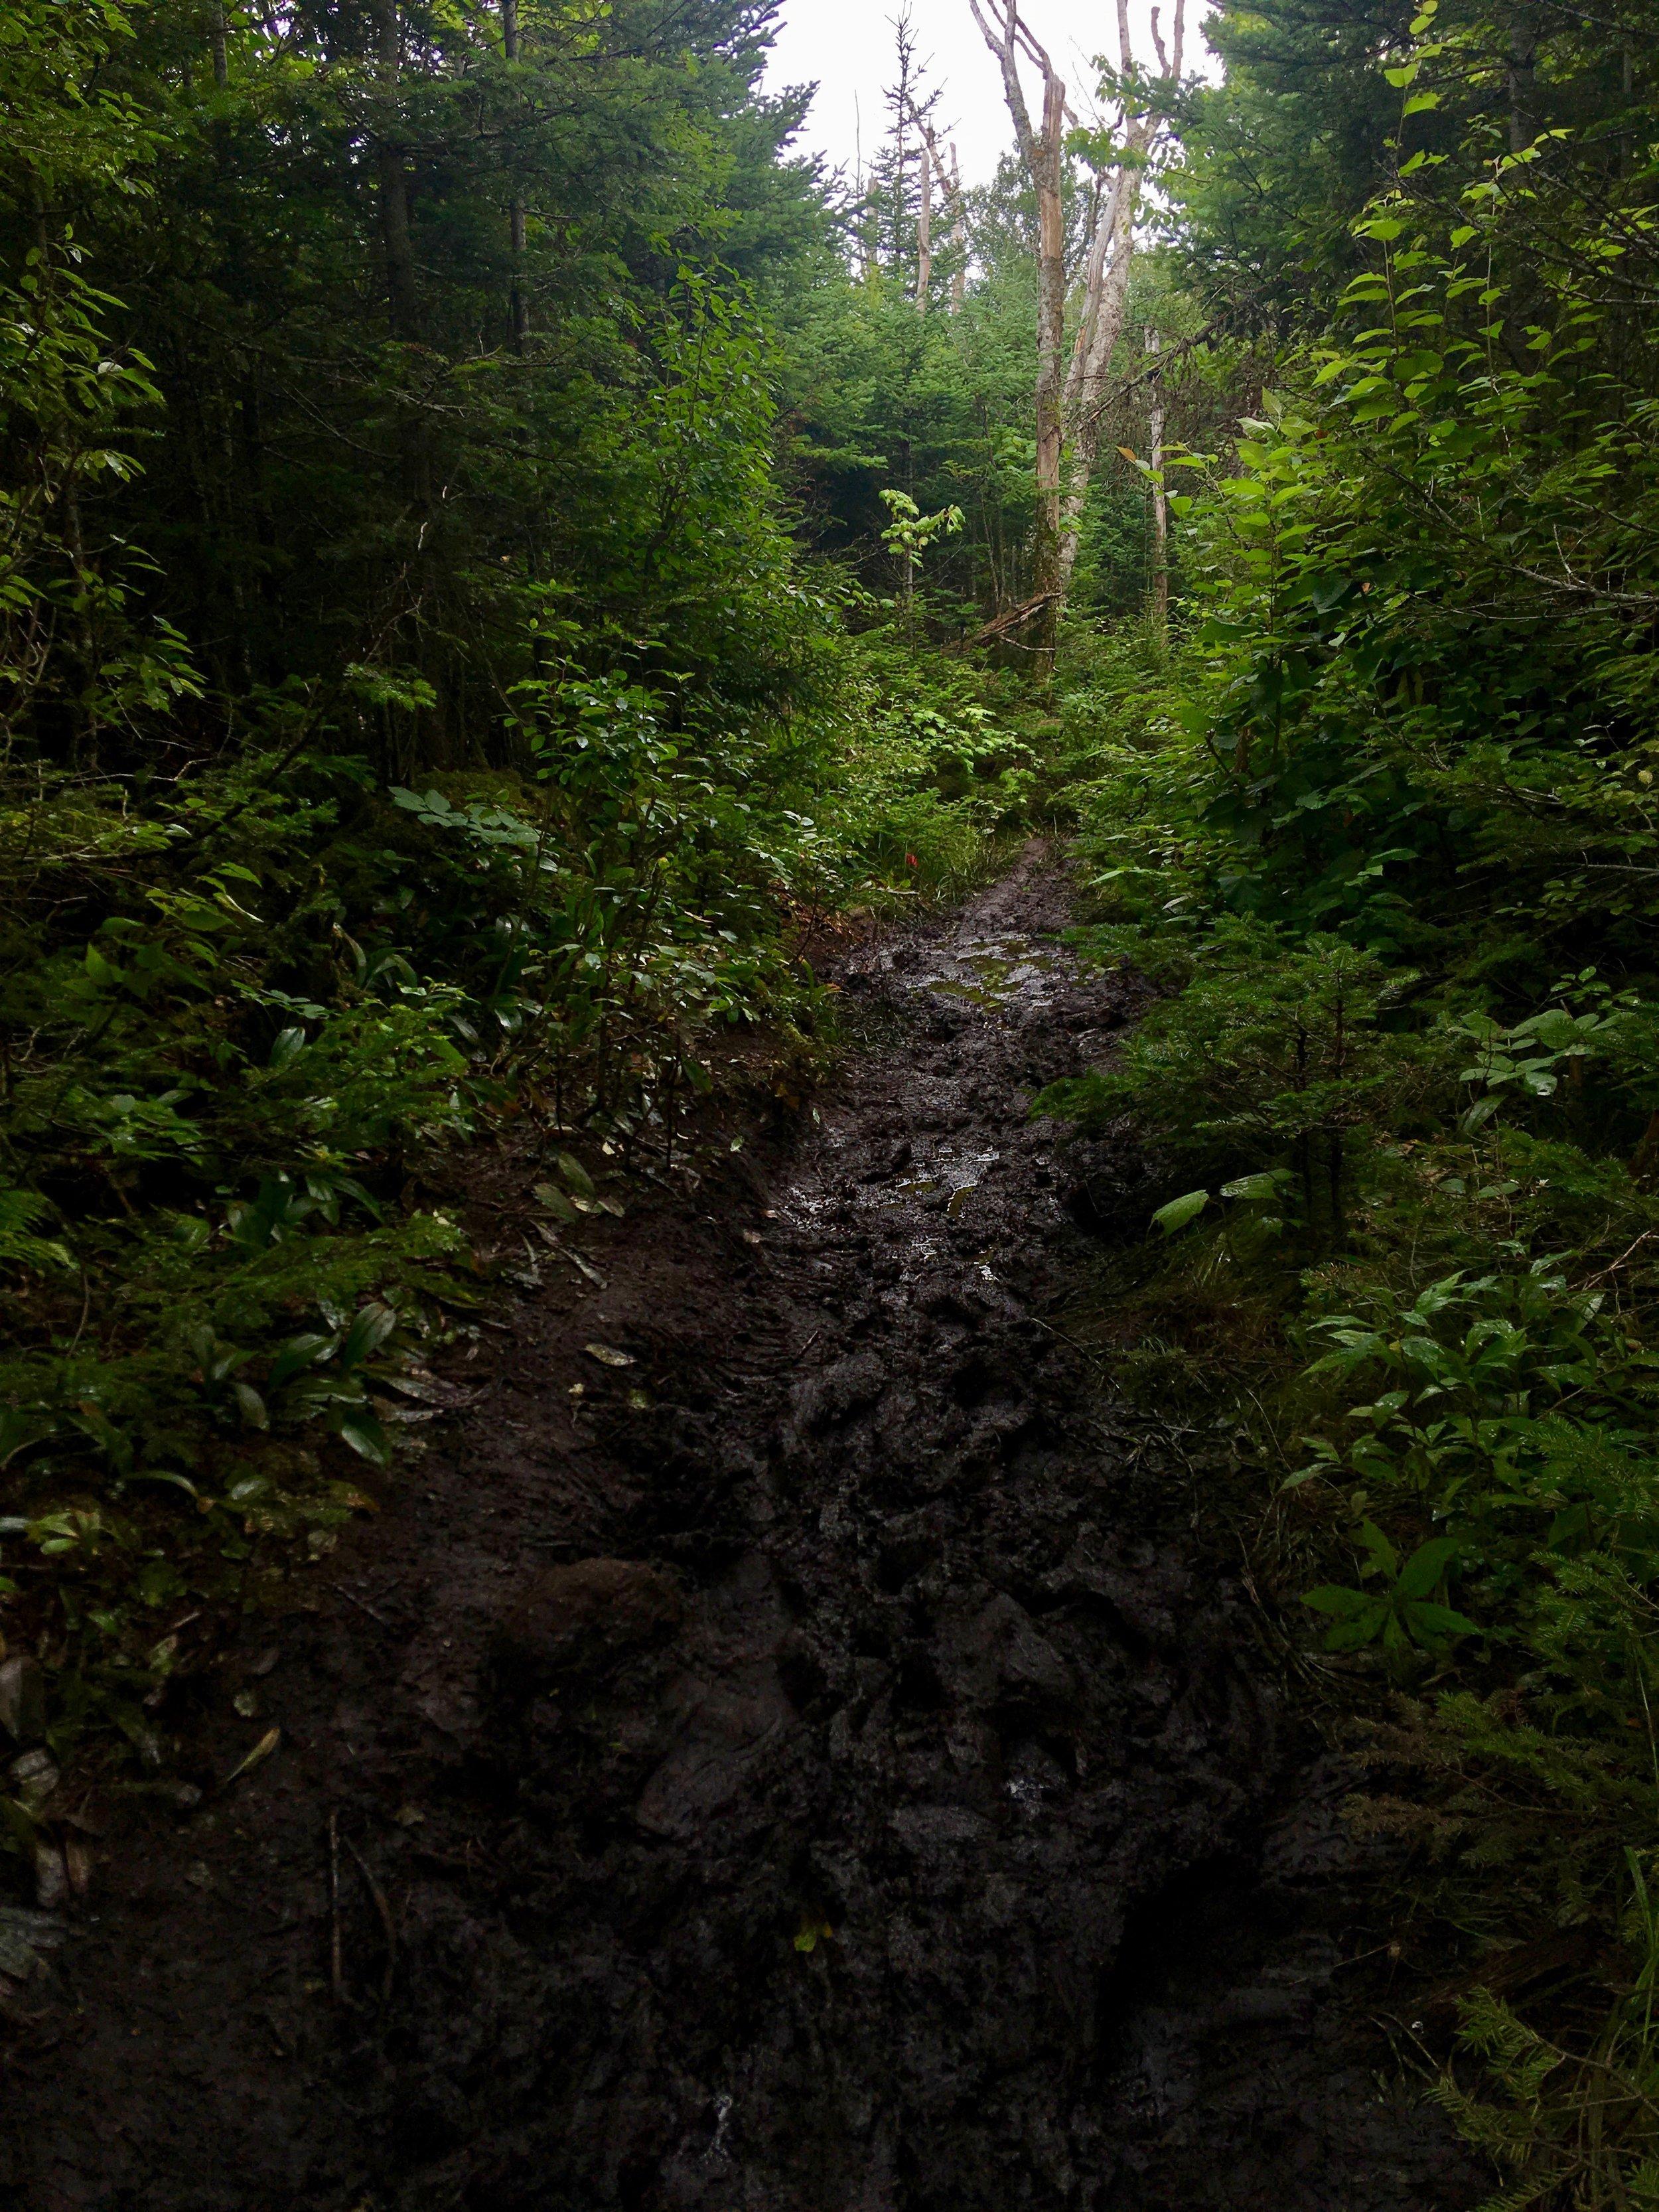 Appalachian Trail, So. NH